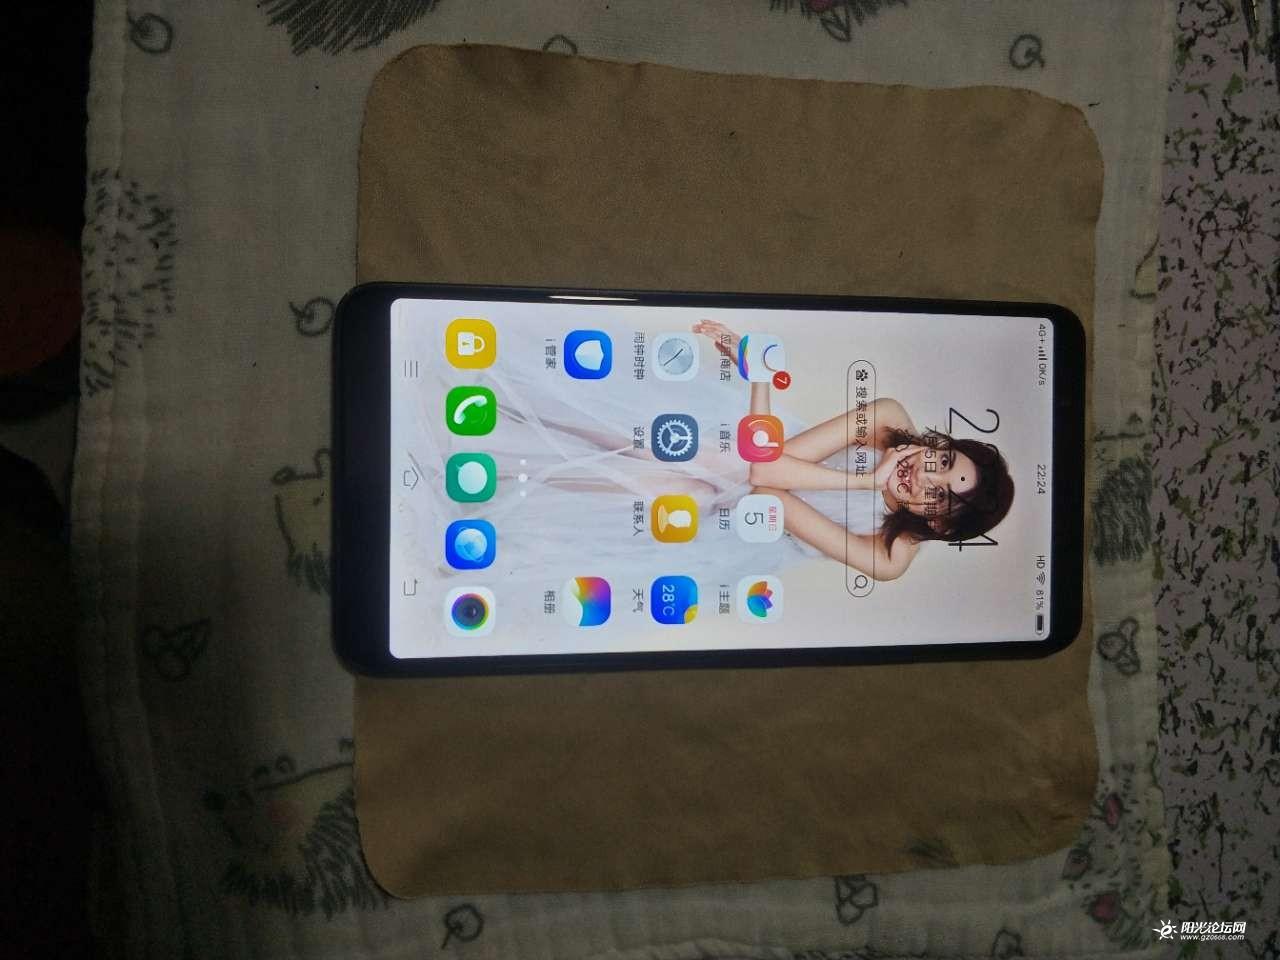 出售vivo x20a手机,内存4+64G,成色8新,价格450元图1